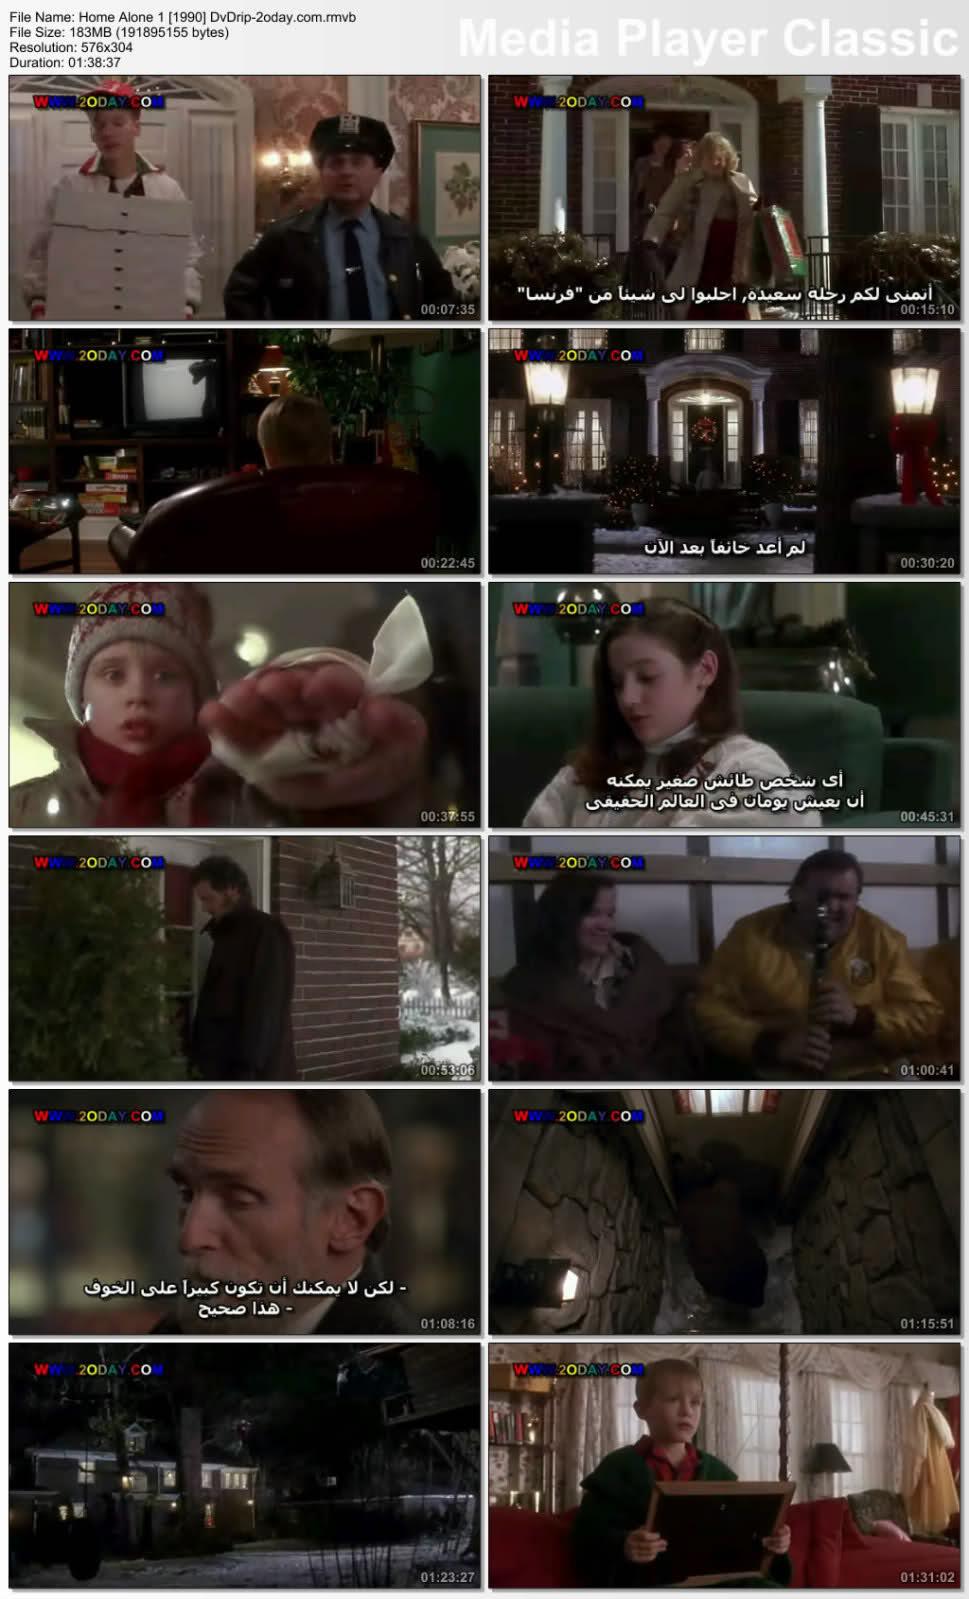 Home Alone quatrain DVDRip سلسلة وحدى فى المنزل كامله ومترجمة 2rgp6iq